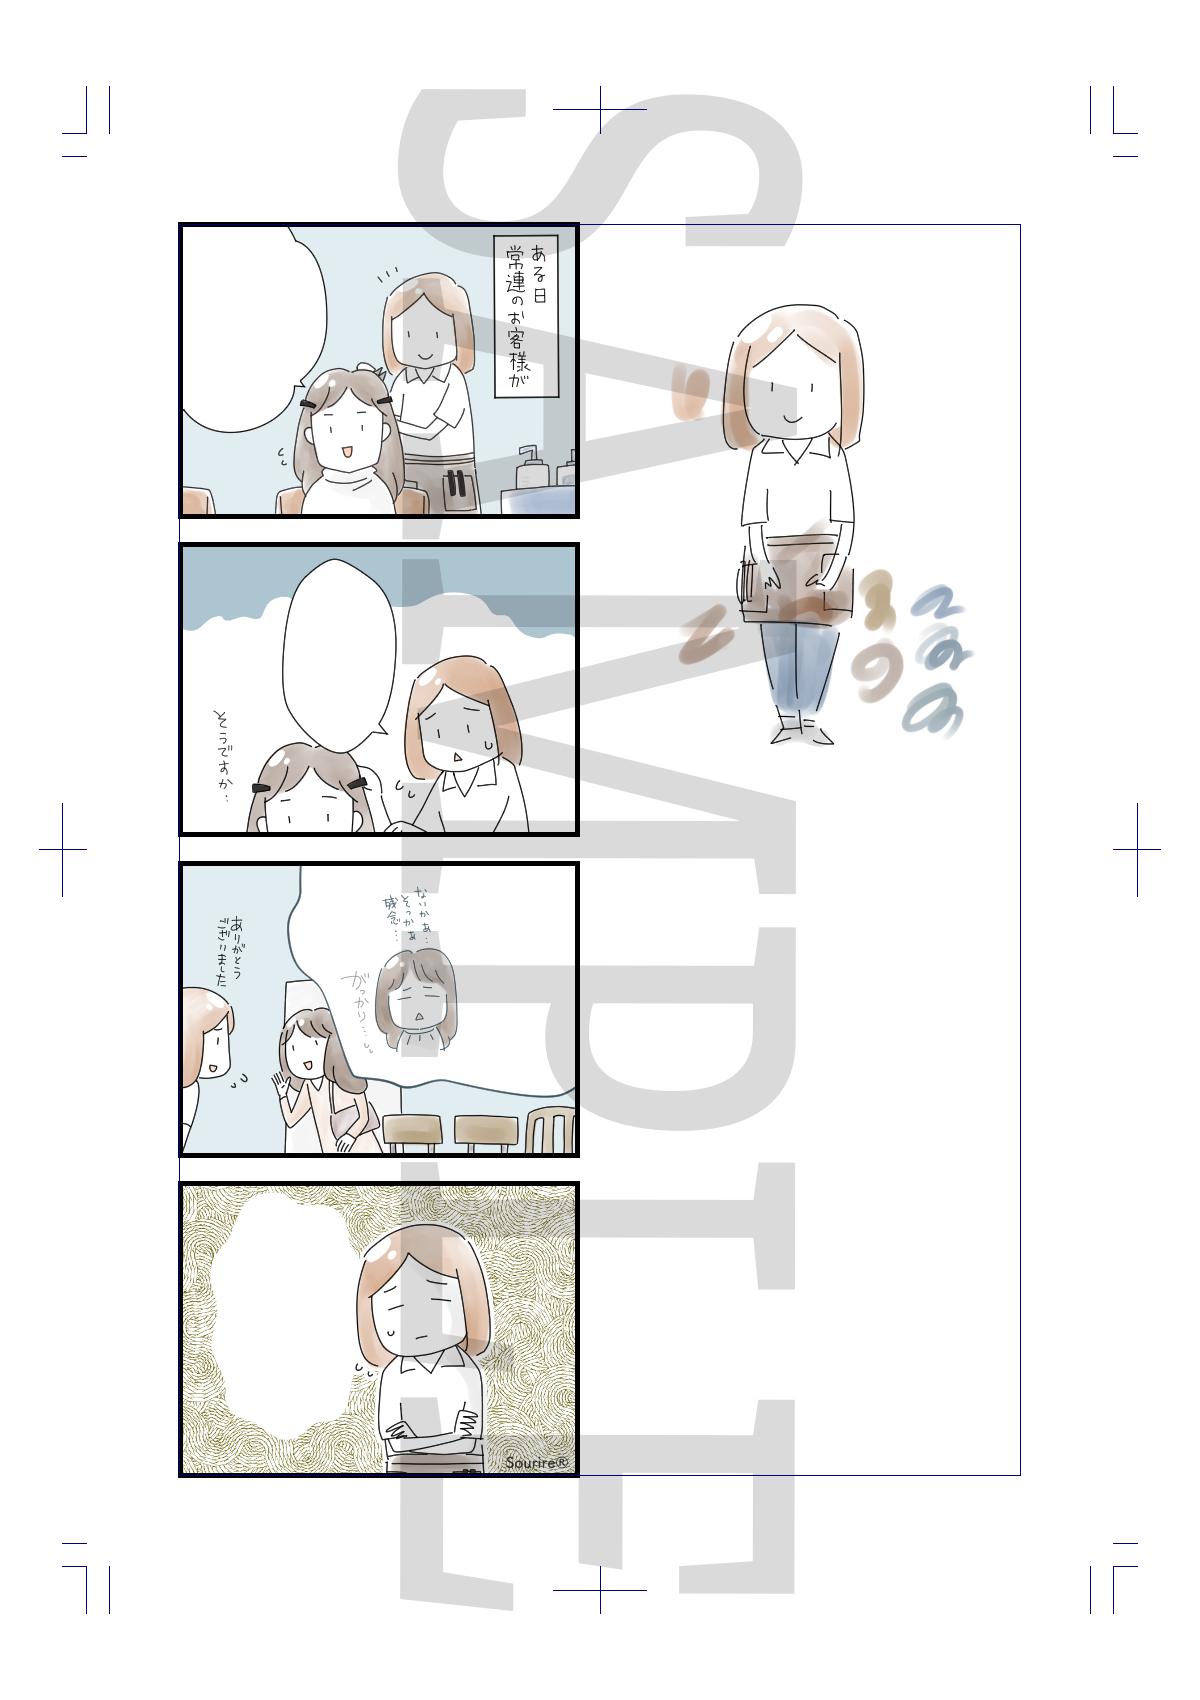 株式会社スリール様 / イラスト制作